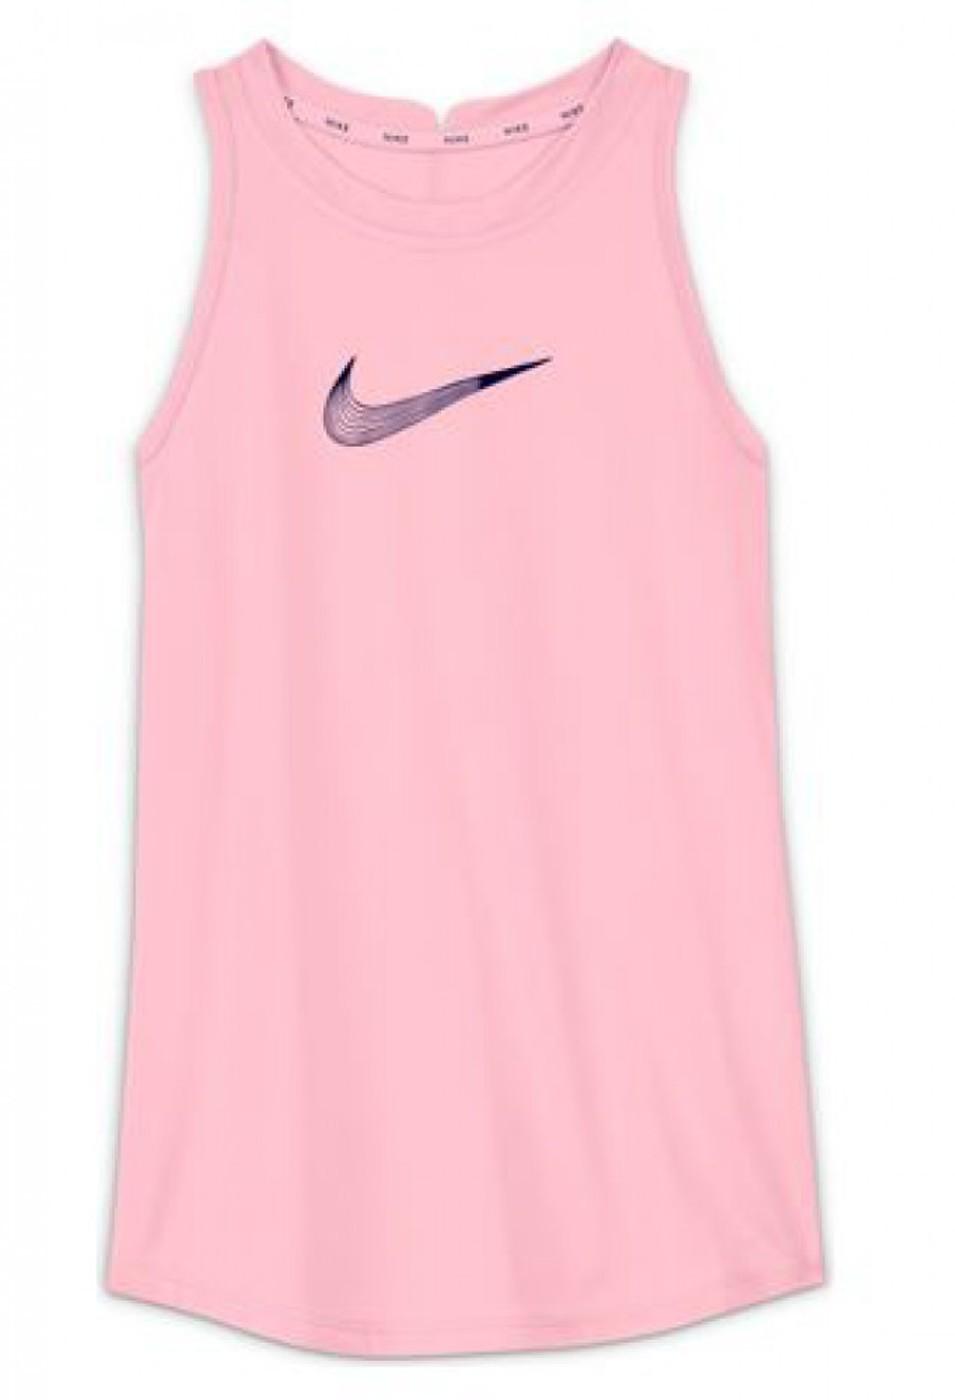 Nike Dri-FIT Trophy Big - Kinder